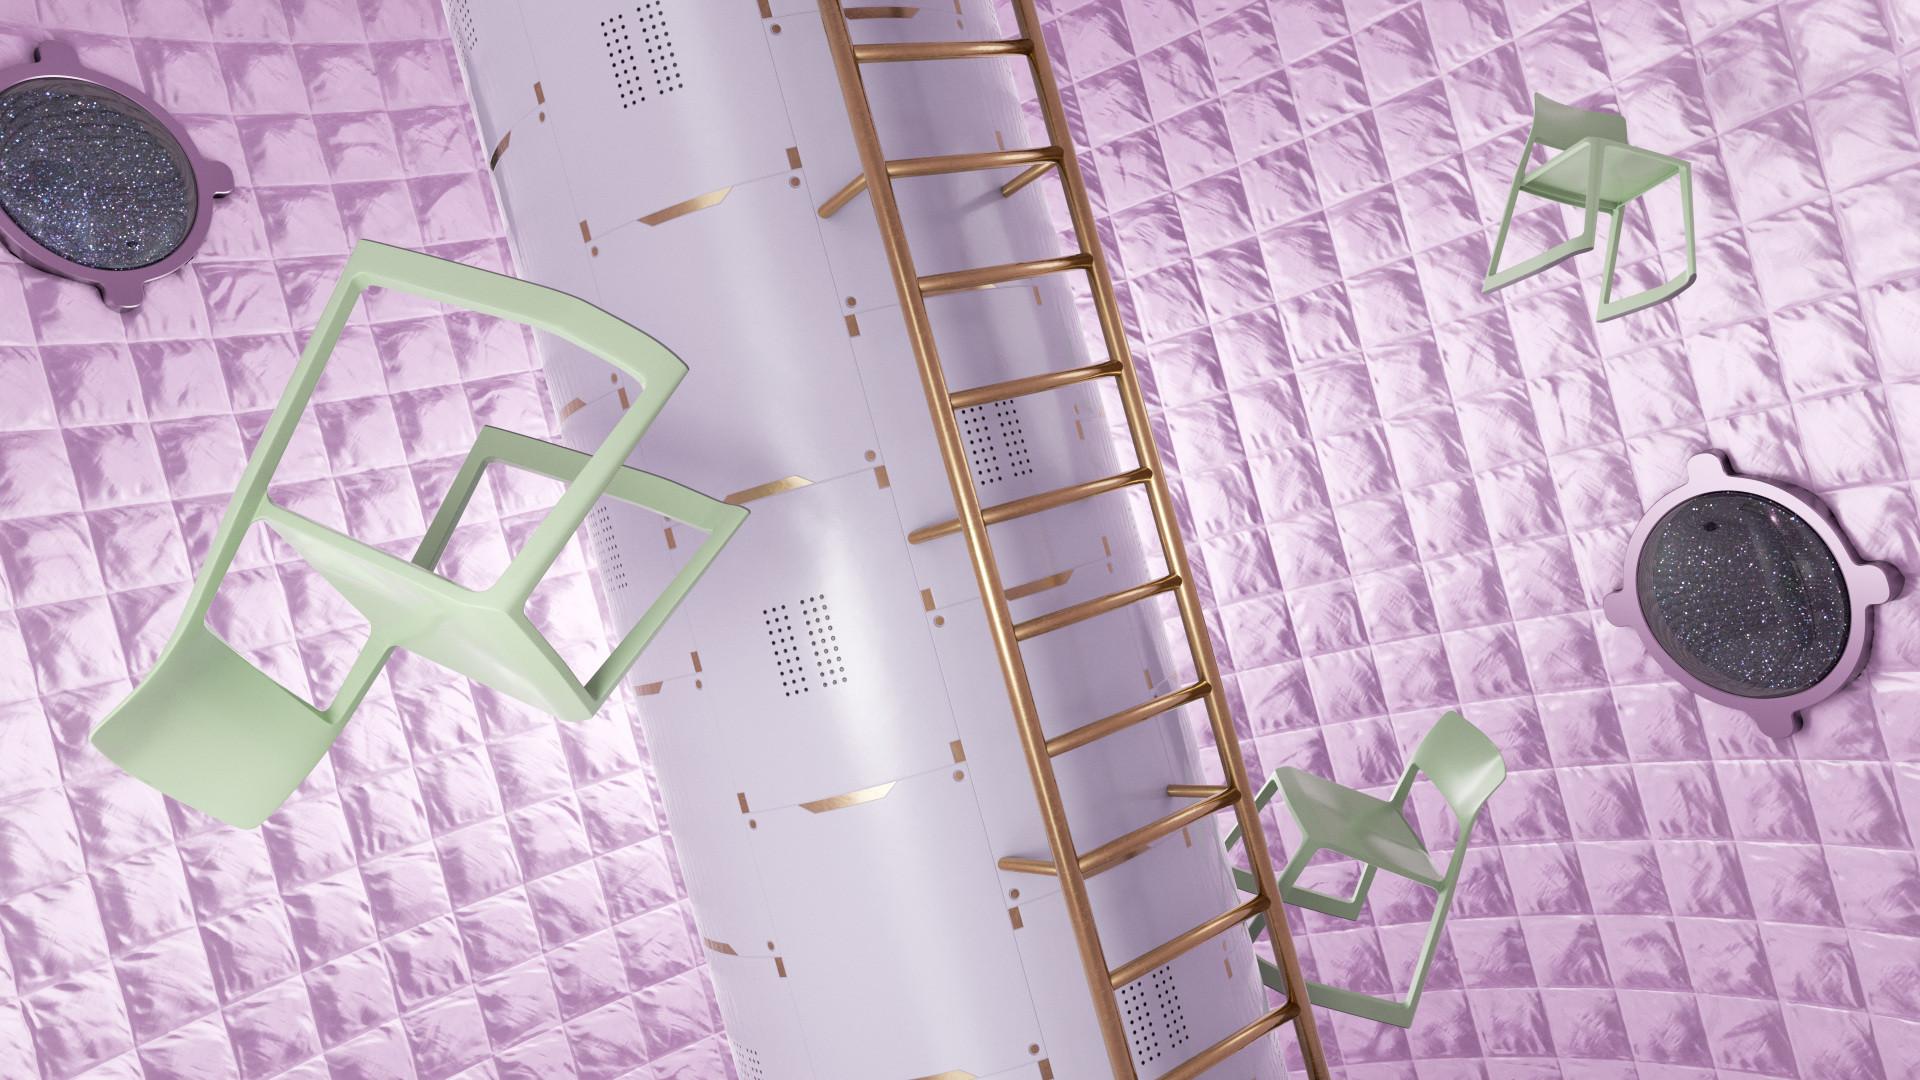 stuhl-schweben-weltall-raumstation-pink-gruen